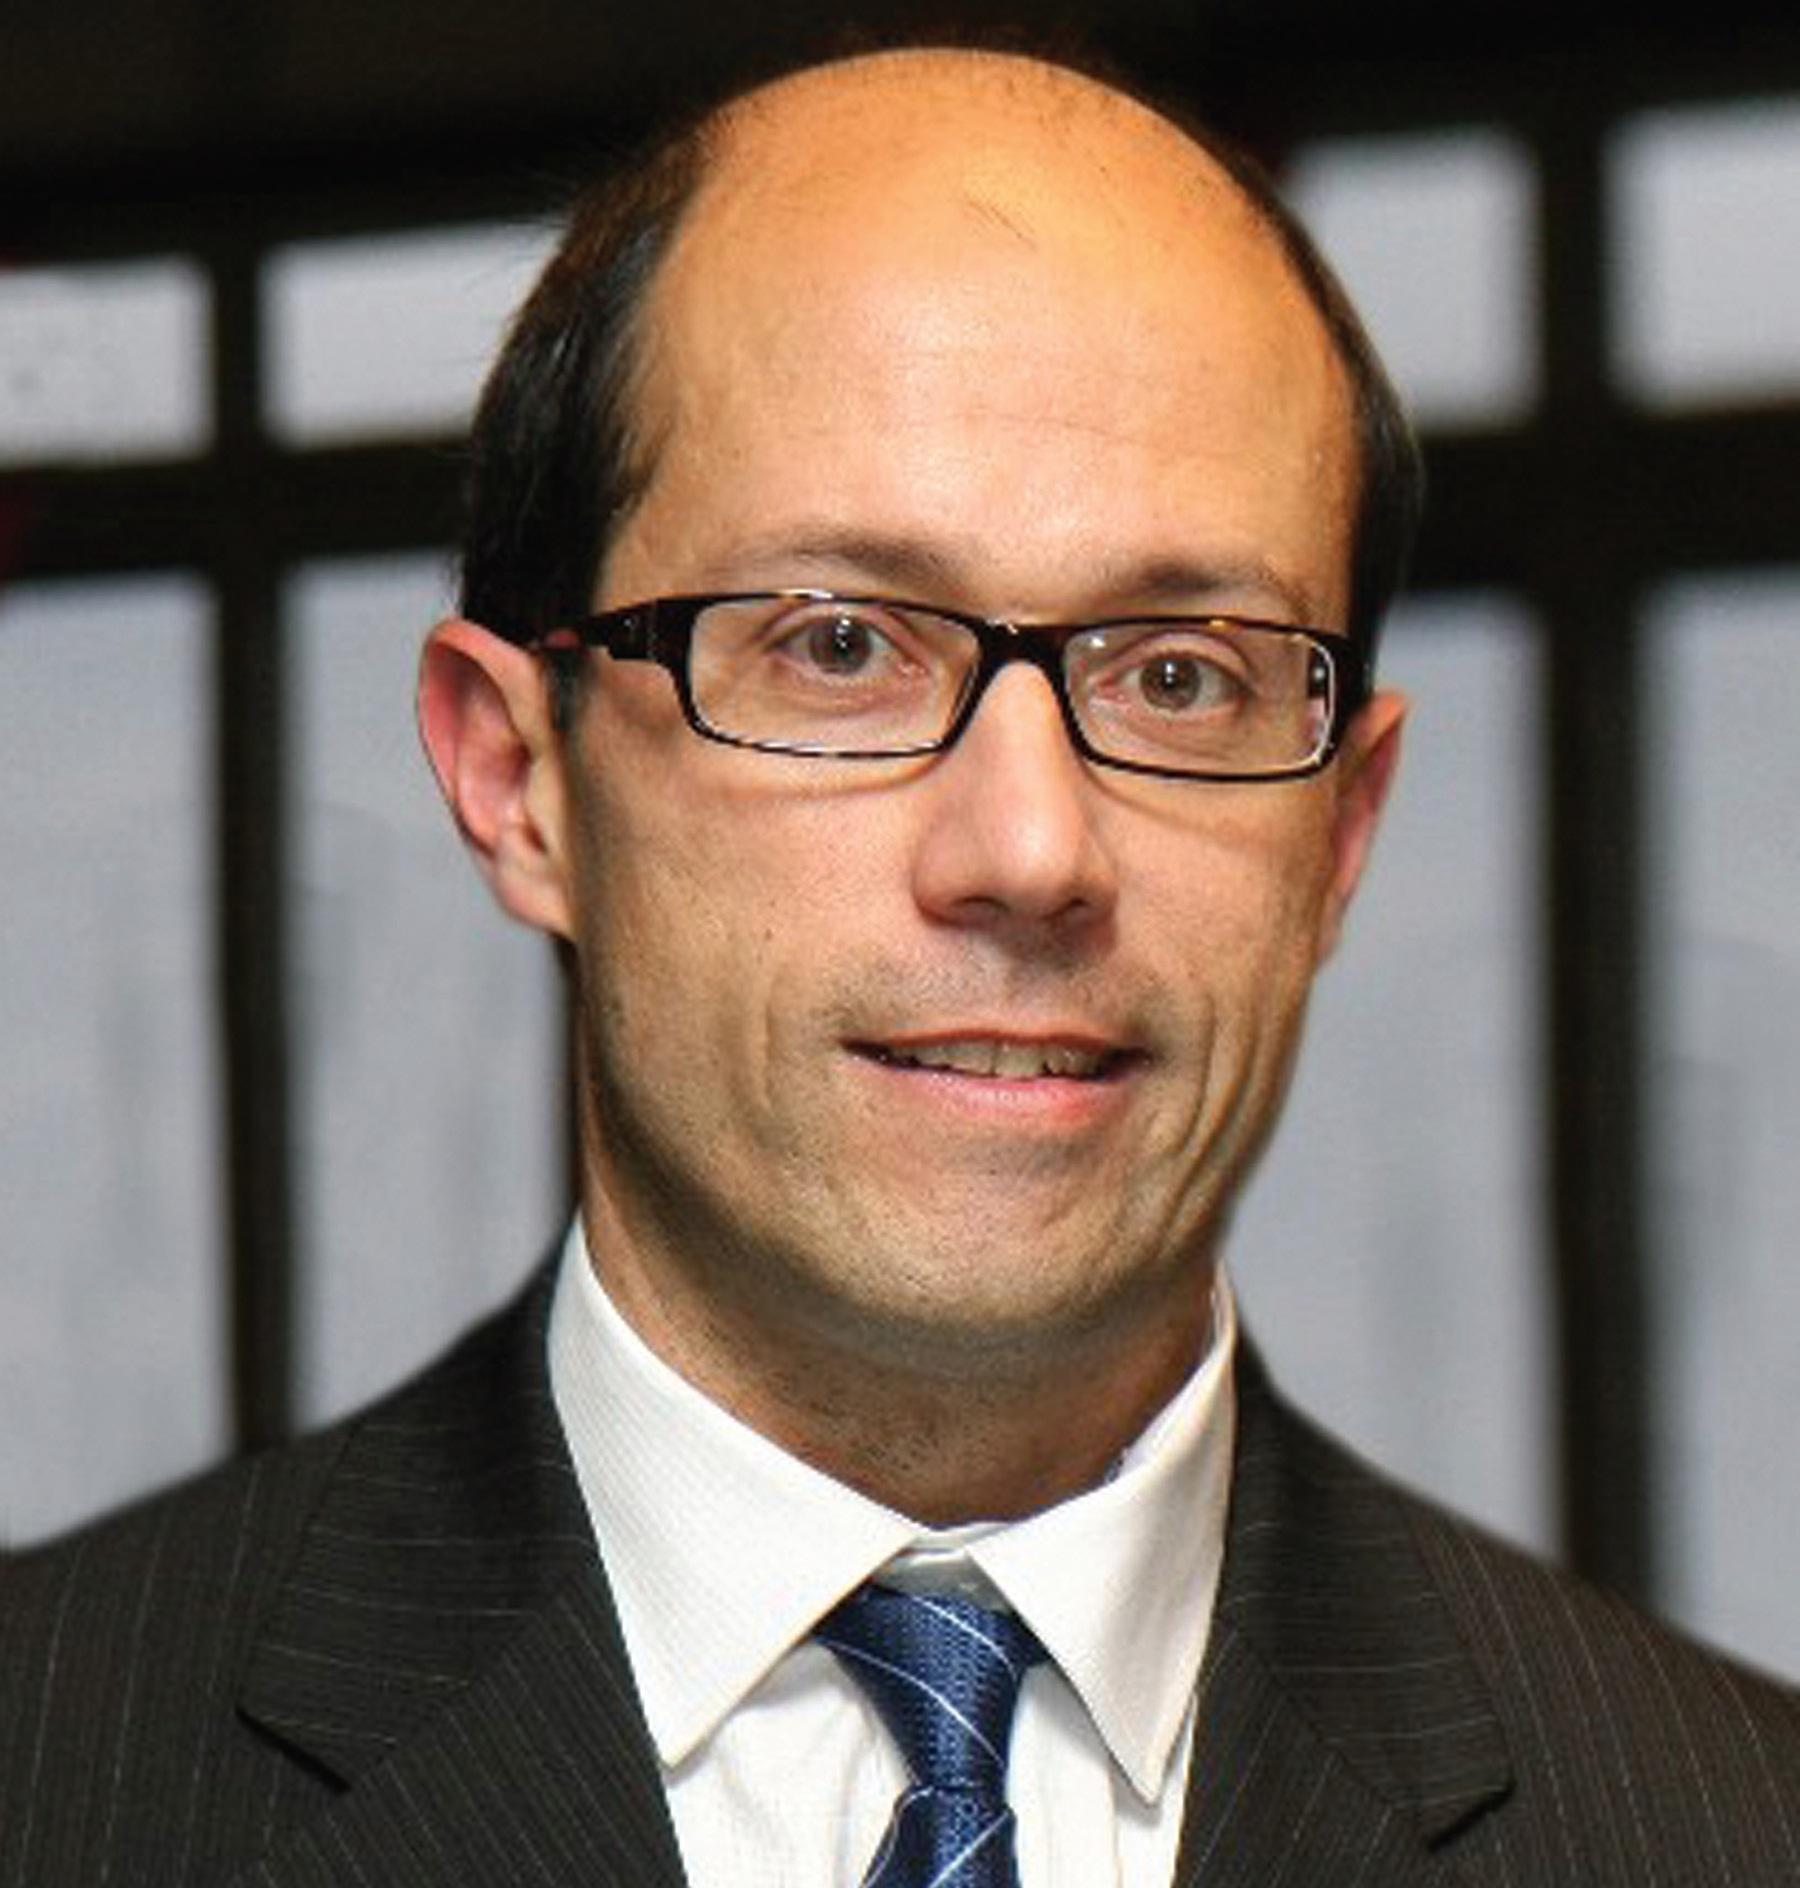 Stéphane Dagas, directeur de l'Urssaf de Meurthe-et-Moselle, tire un bilan, «plutôt positif de l'année 2011 pour la branche qui a montré sa capacité d'adaptation aux différents changements et défis auxquels nous avons été confrontés».